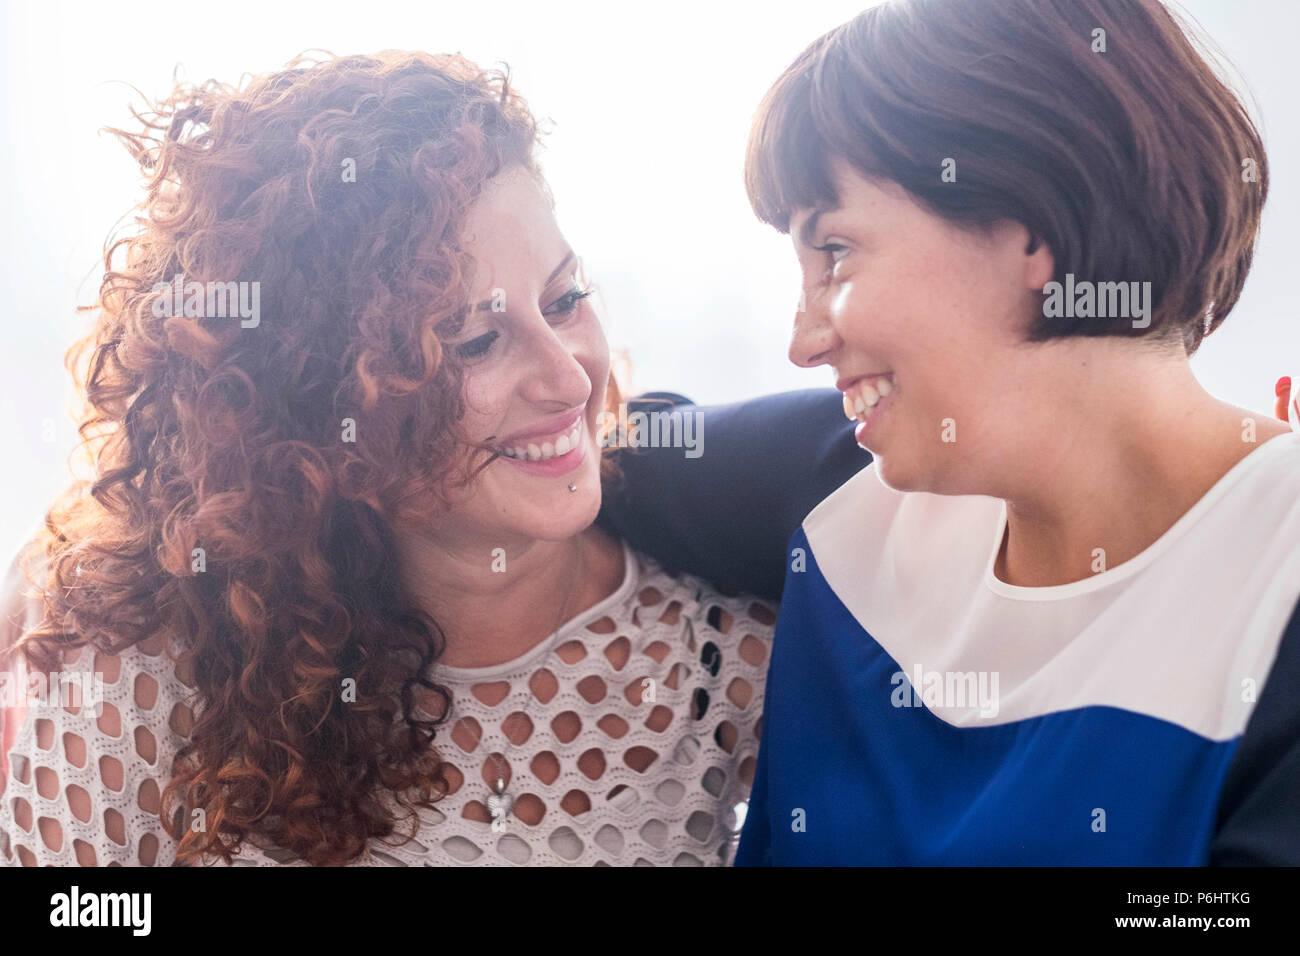 Par de amigas sonriendo juntos mutuamente. Disfrute y relación. friendshiop hermosas jóvenes caucásicos con fondo blanco. Imagen De Stock